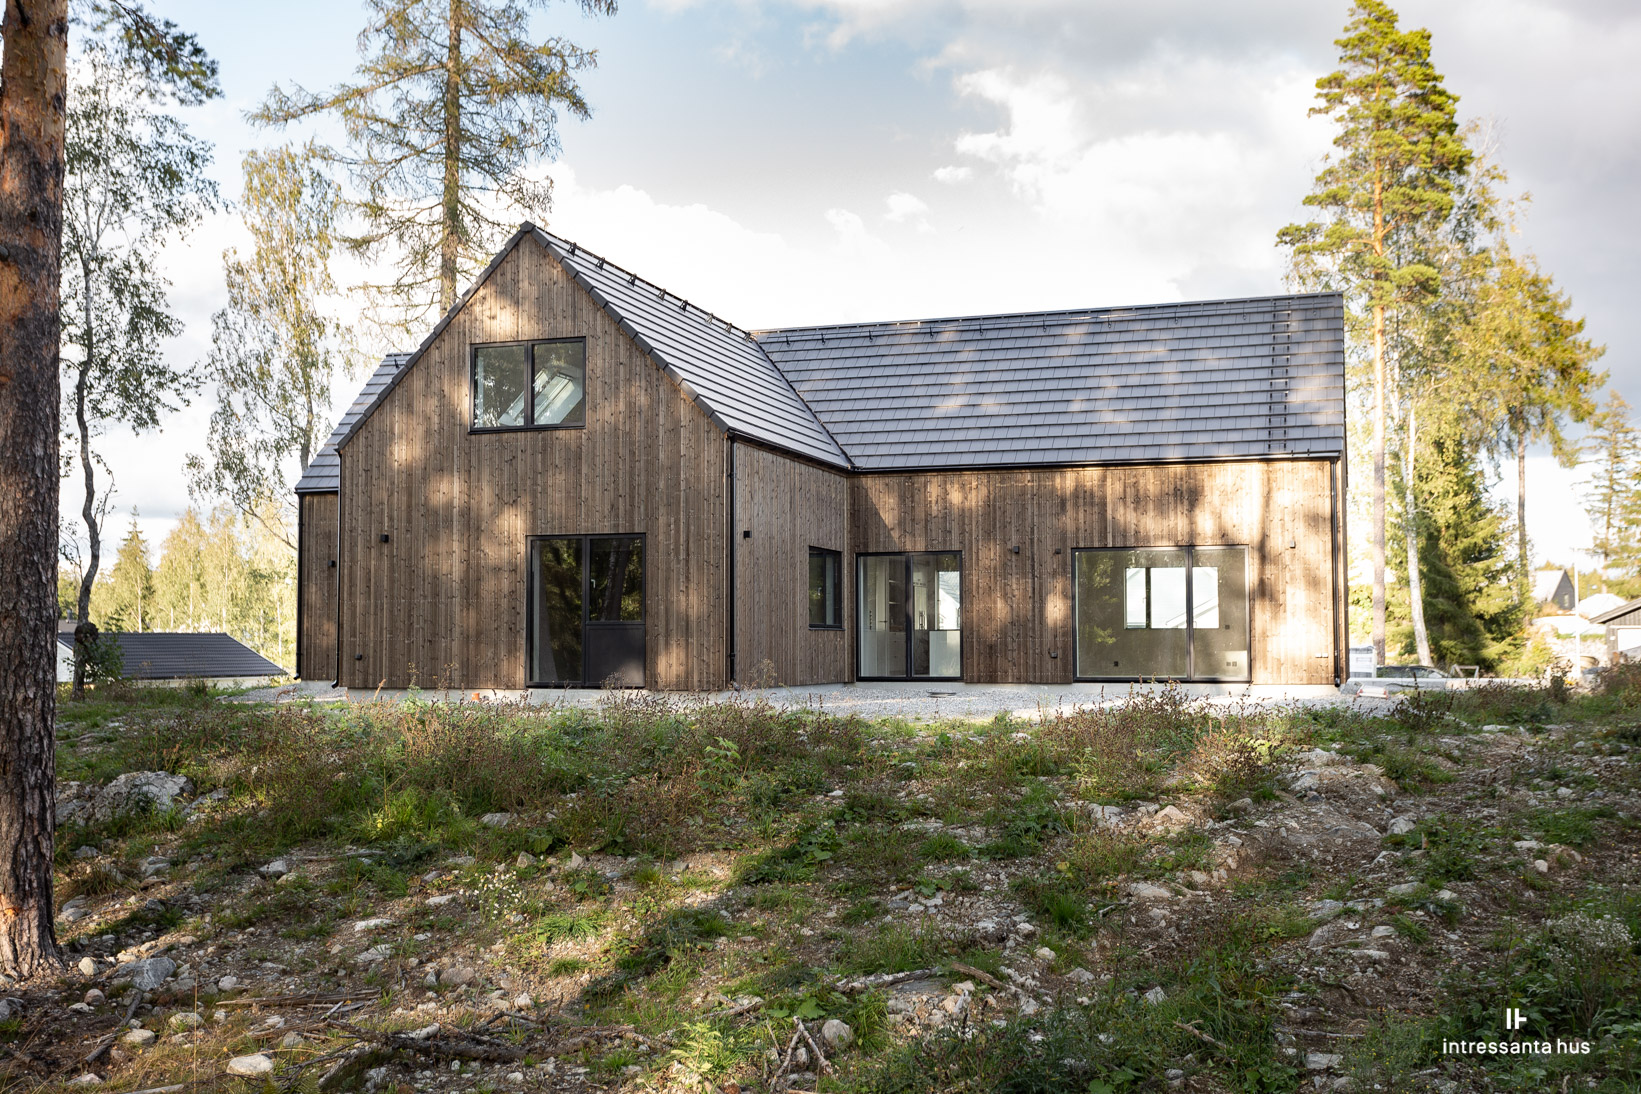 intressantahus-ringqvist-003